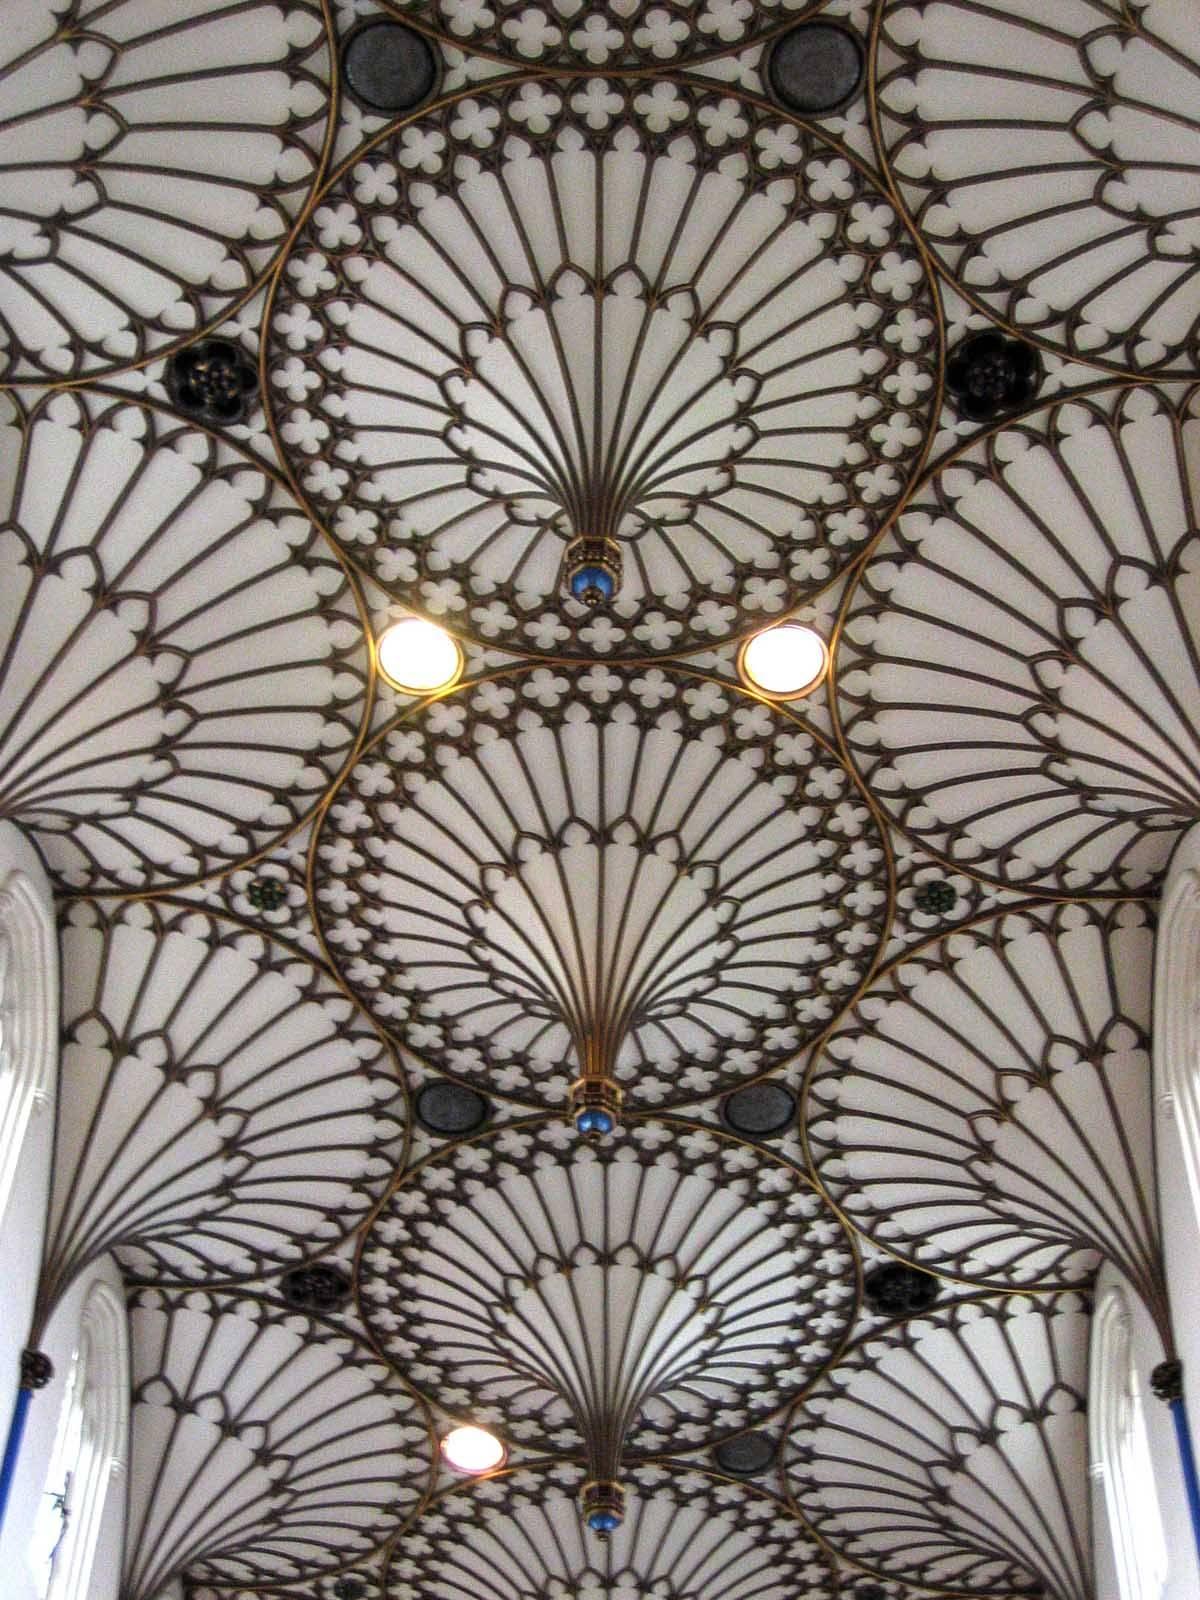 Saint John's Church Ceiling